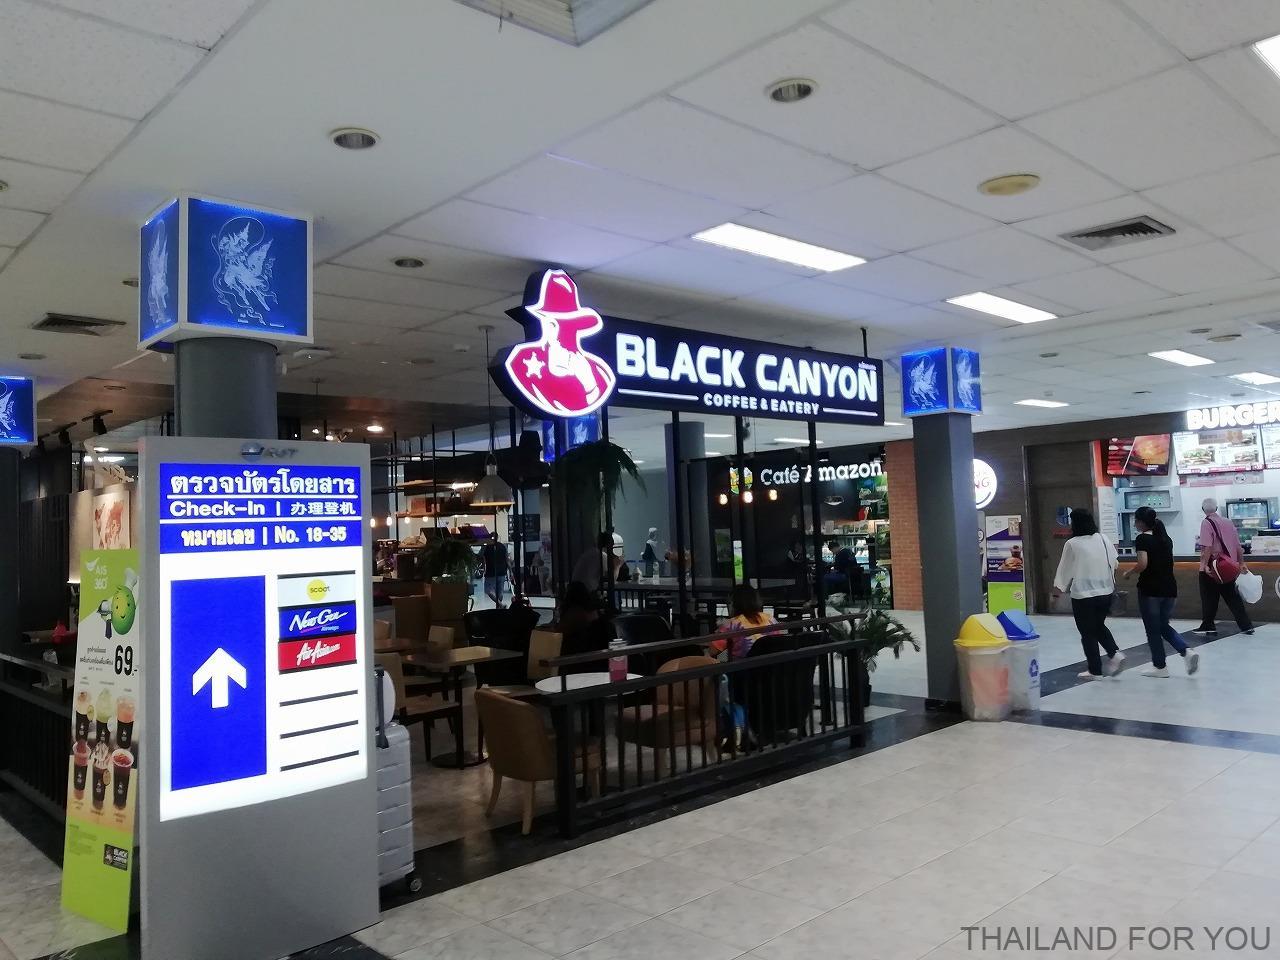 ハジャイ 空港 レストラン